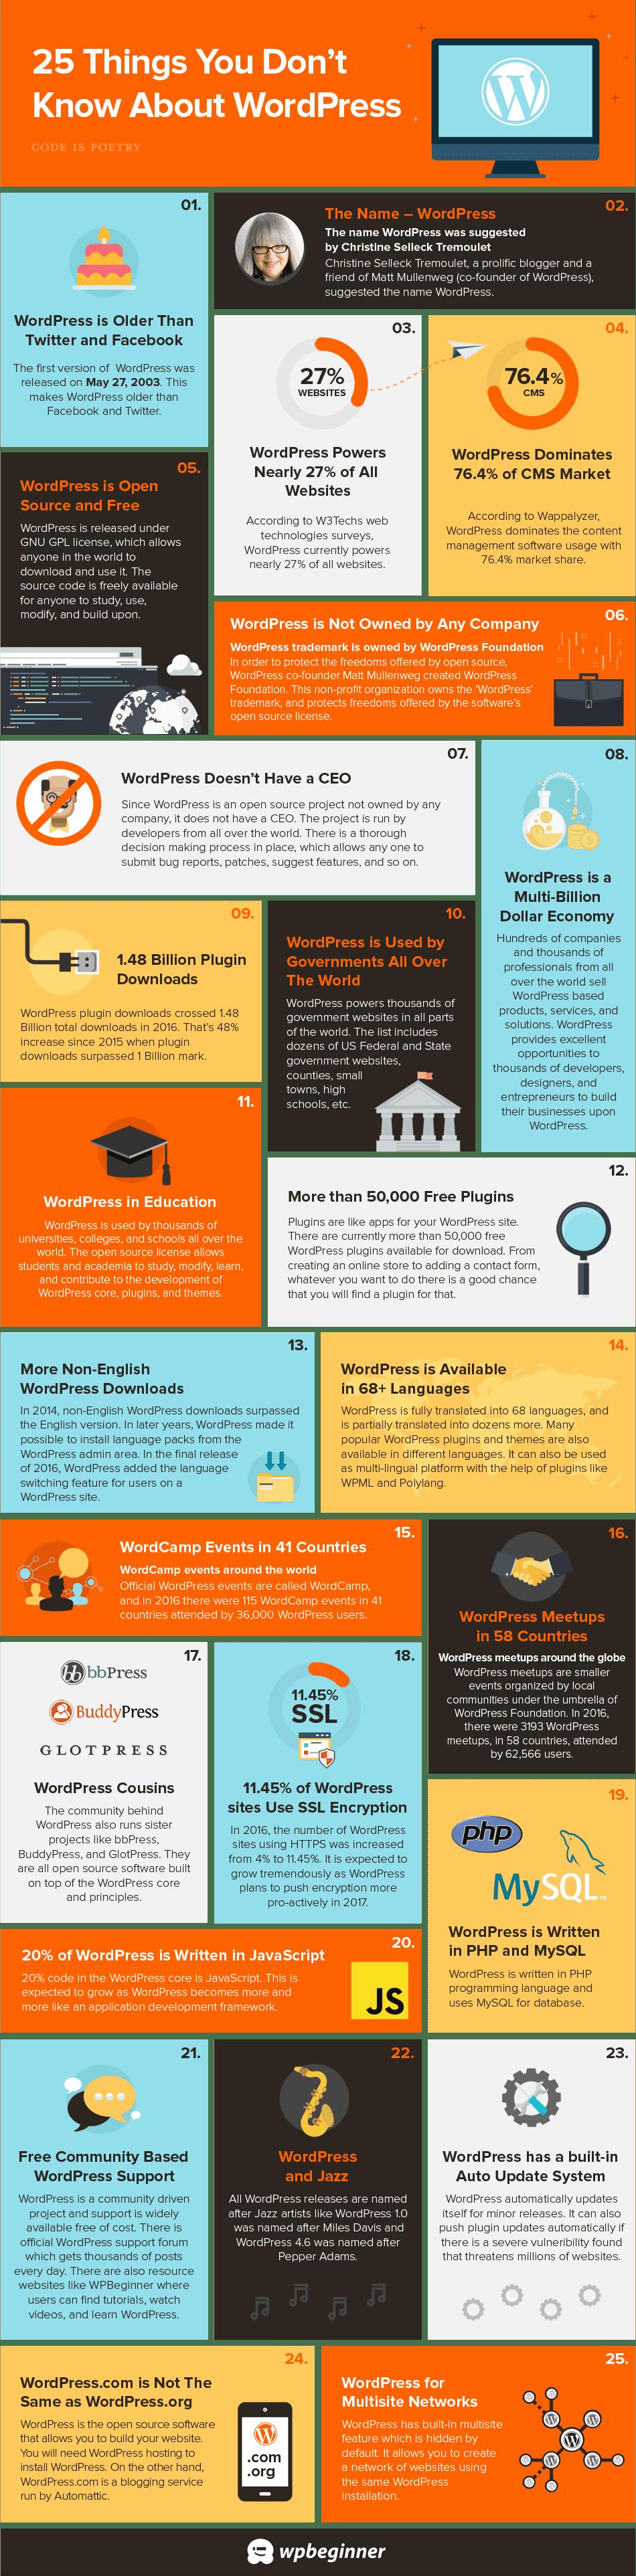 25 cosas que no sabias sobre WordPress